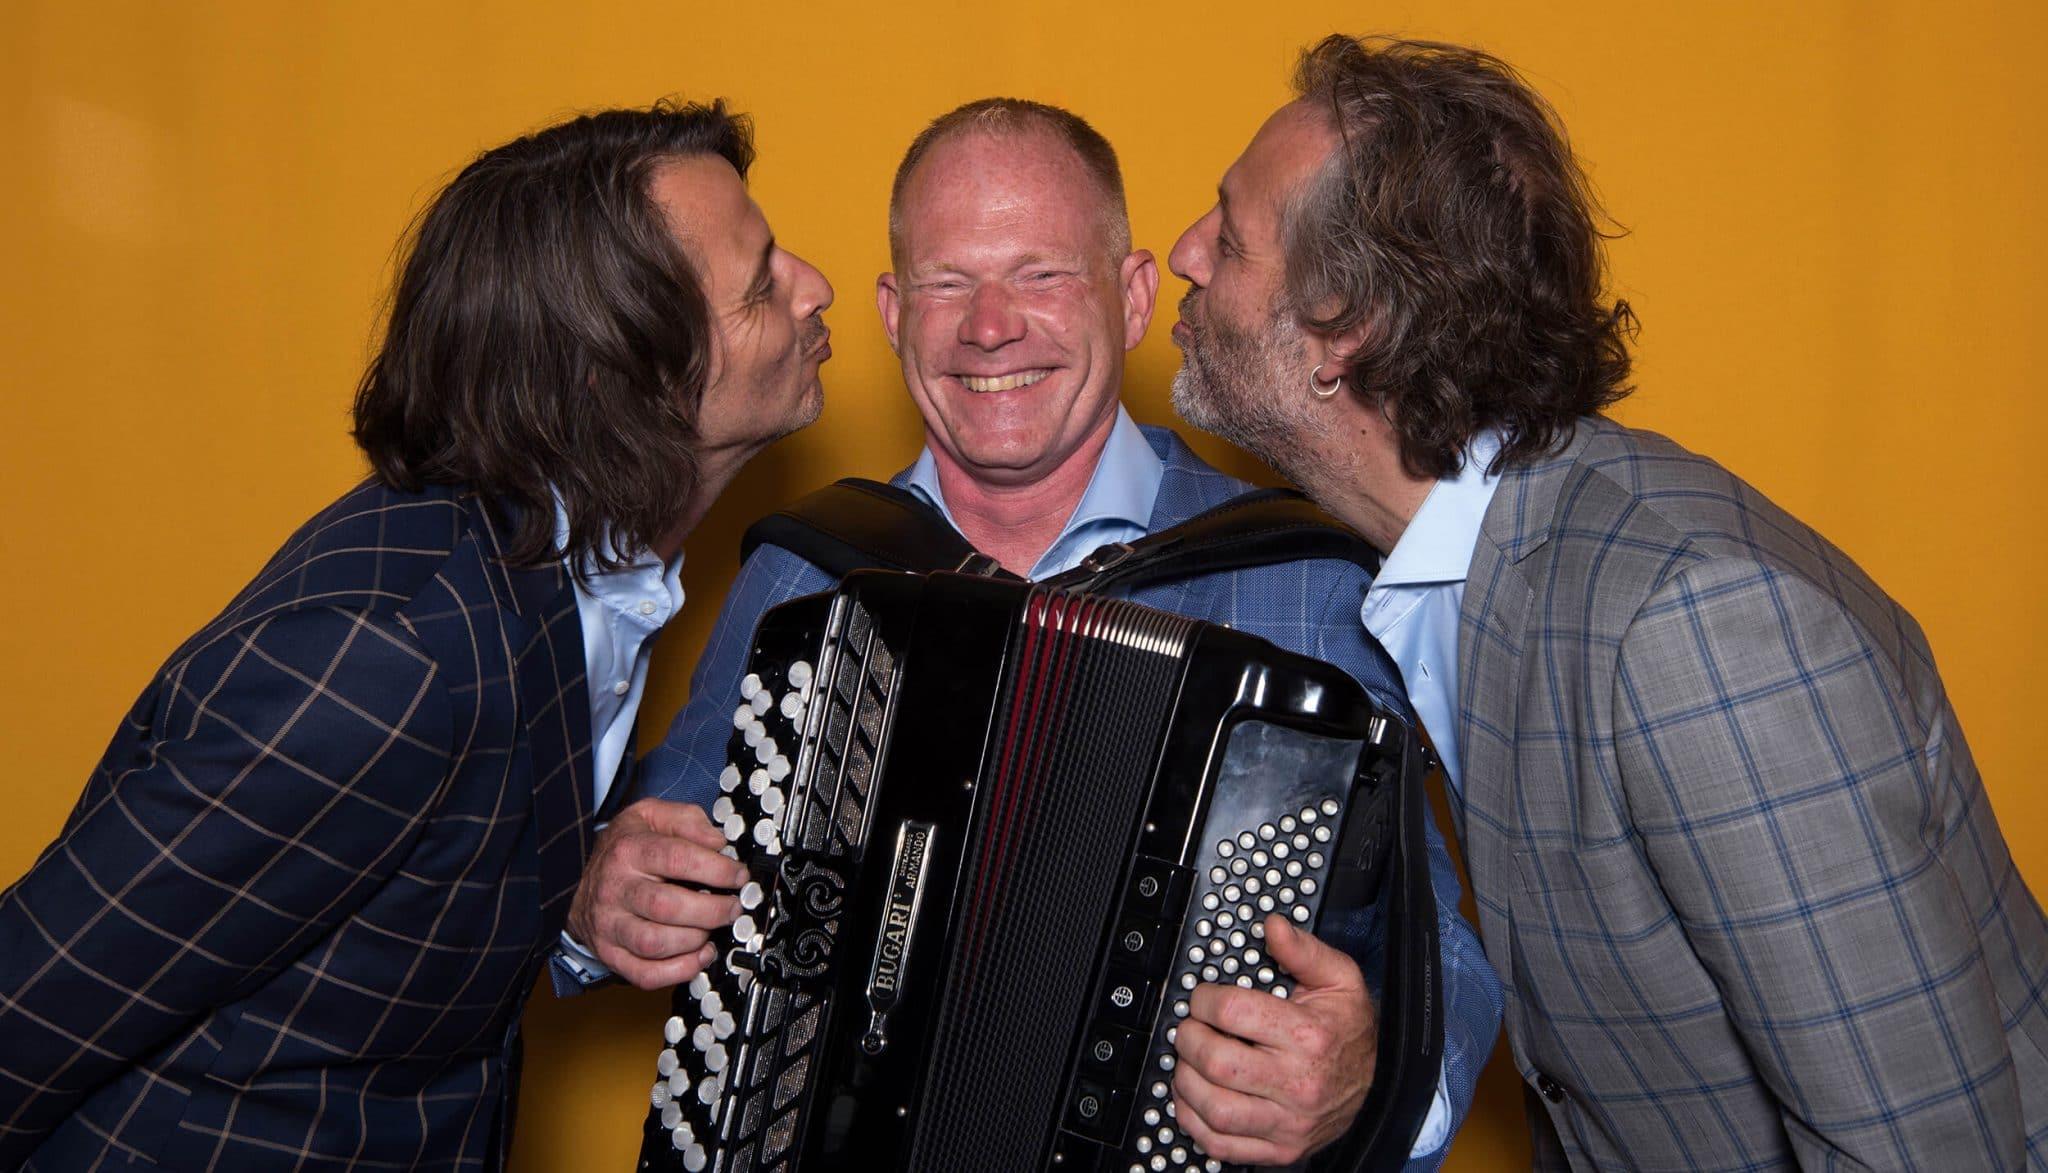 De drie muzikanten